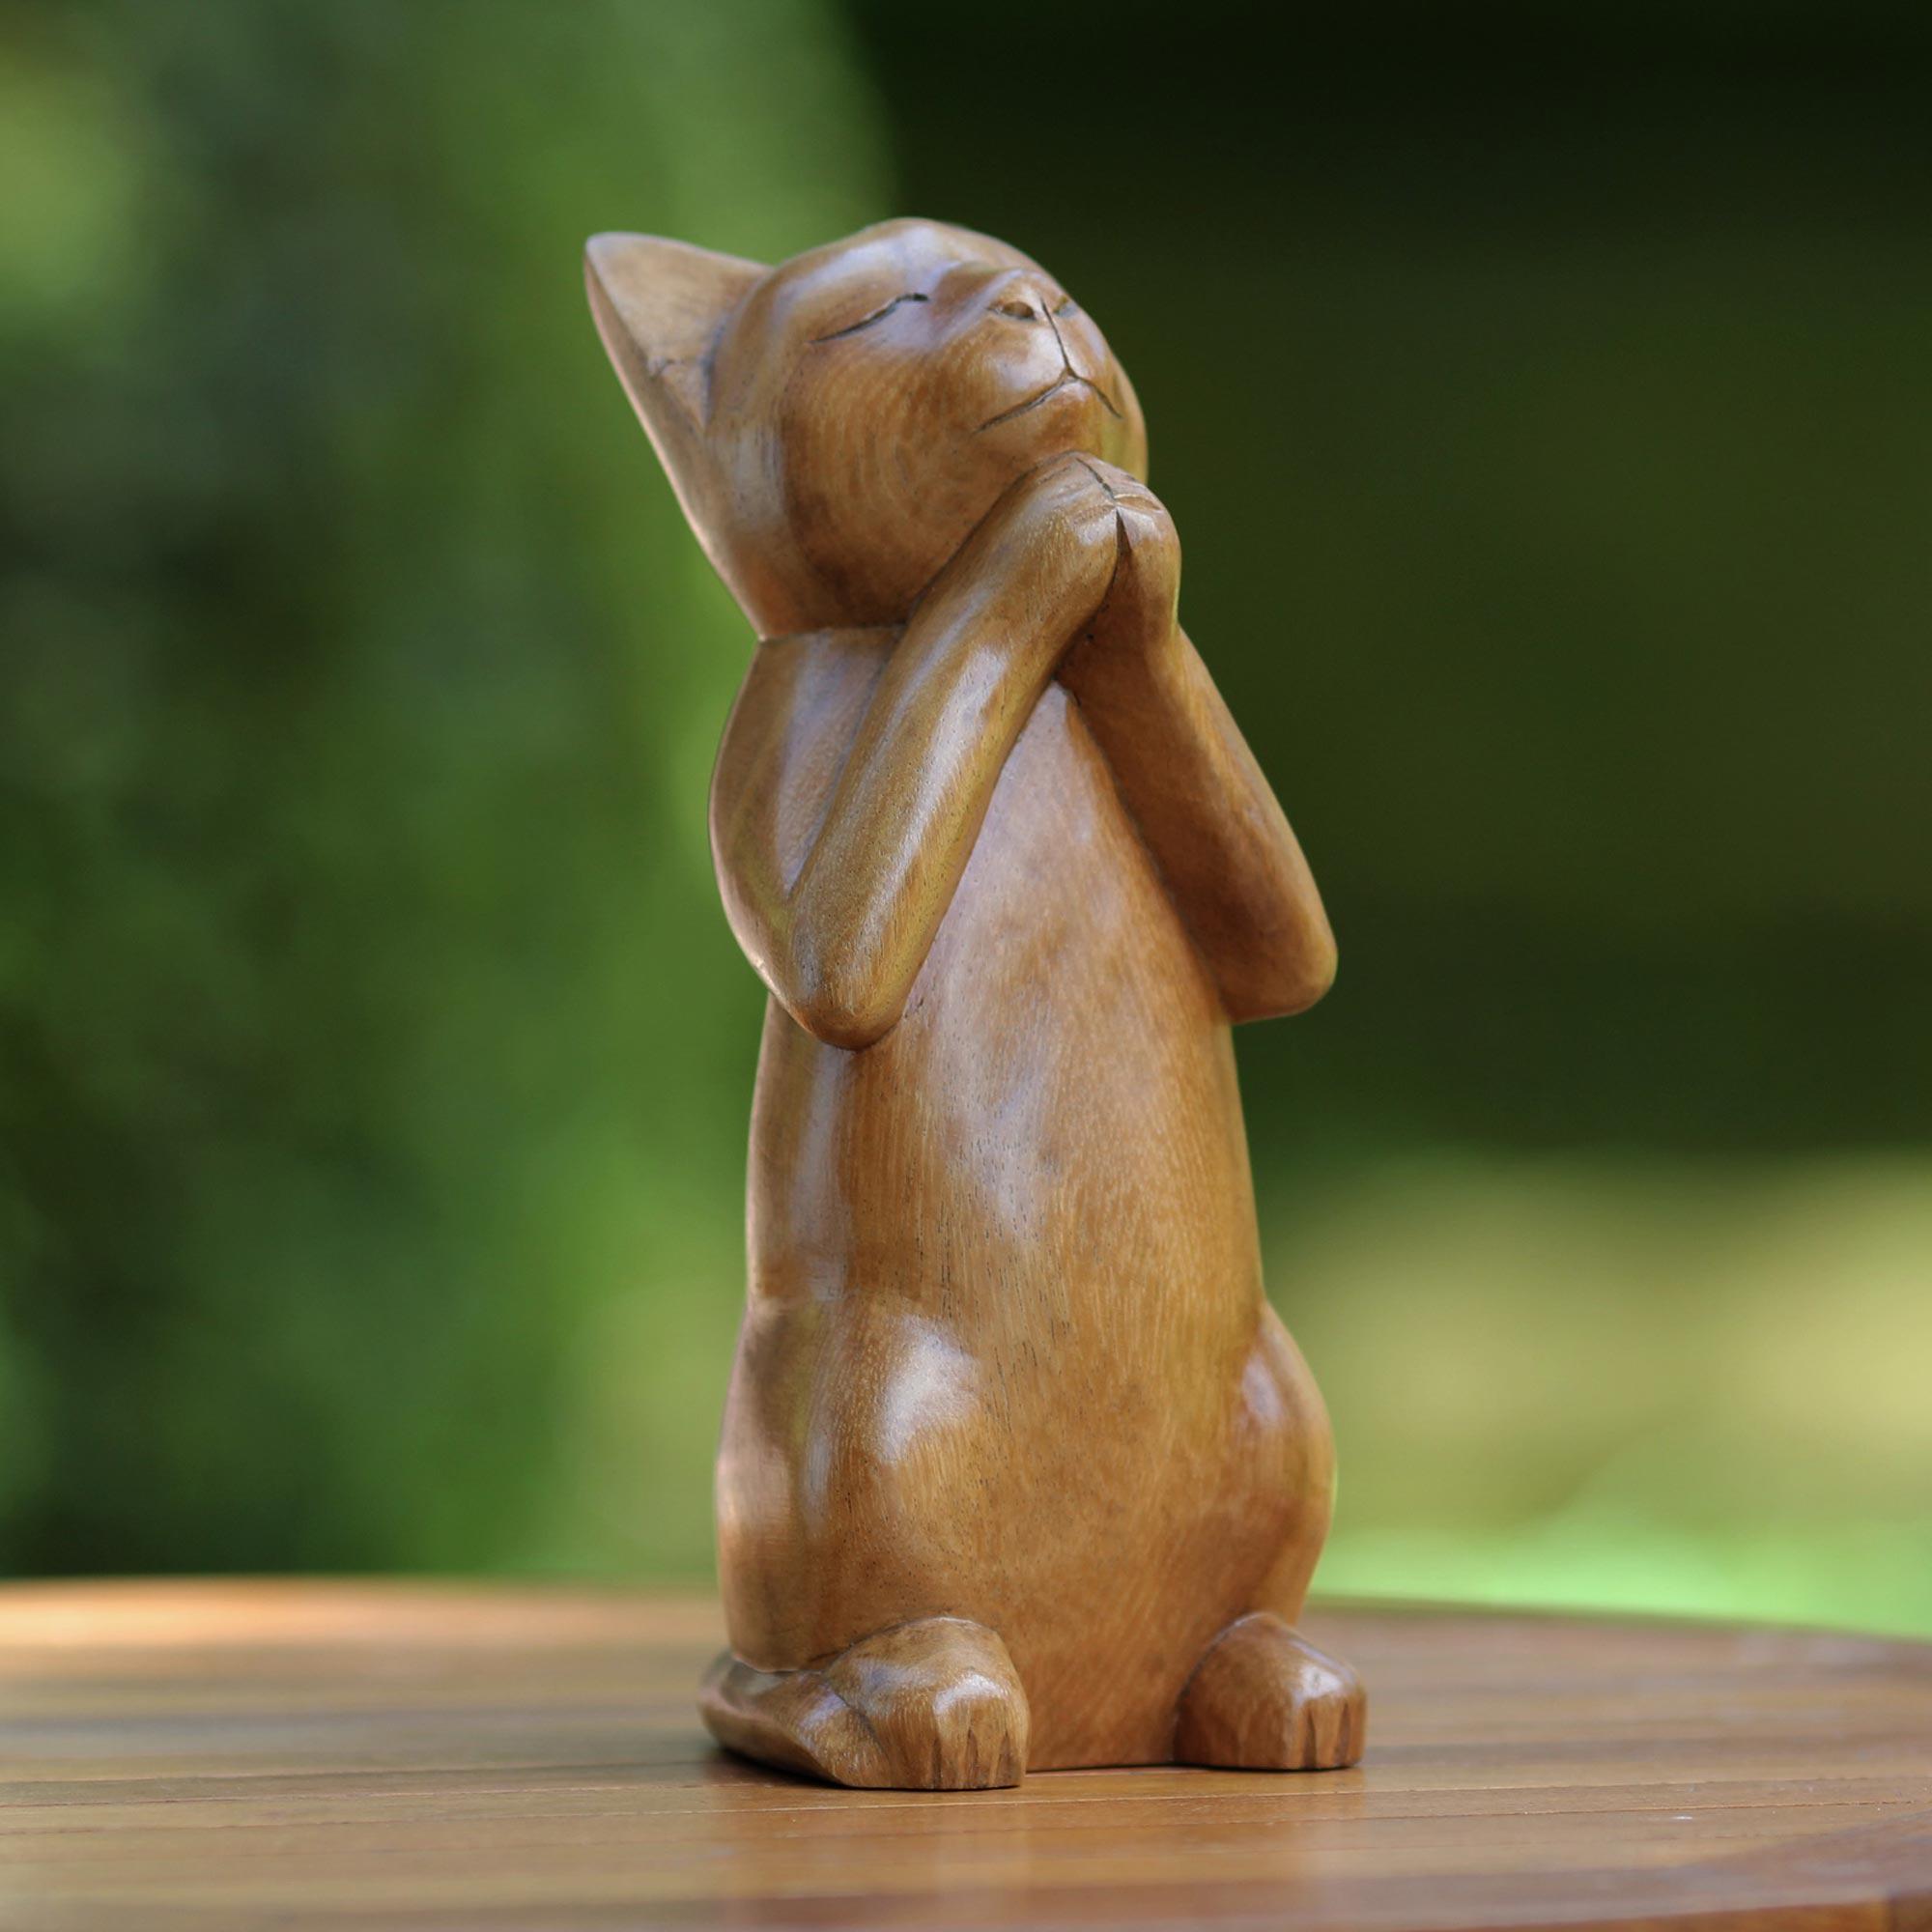 Handcrafted Fair Trade Wood Prayer Sculpture, 'Serene Prayer' animal sculpture